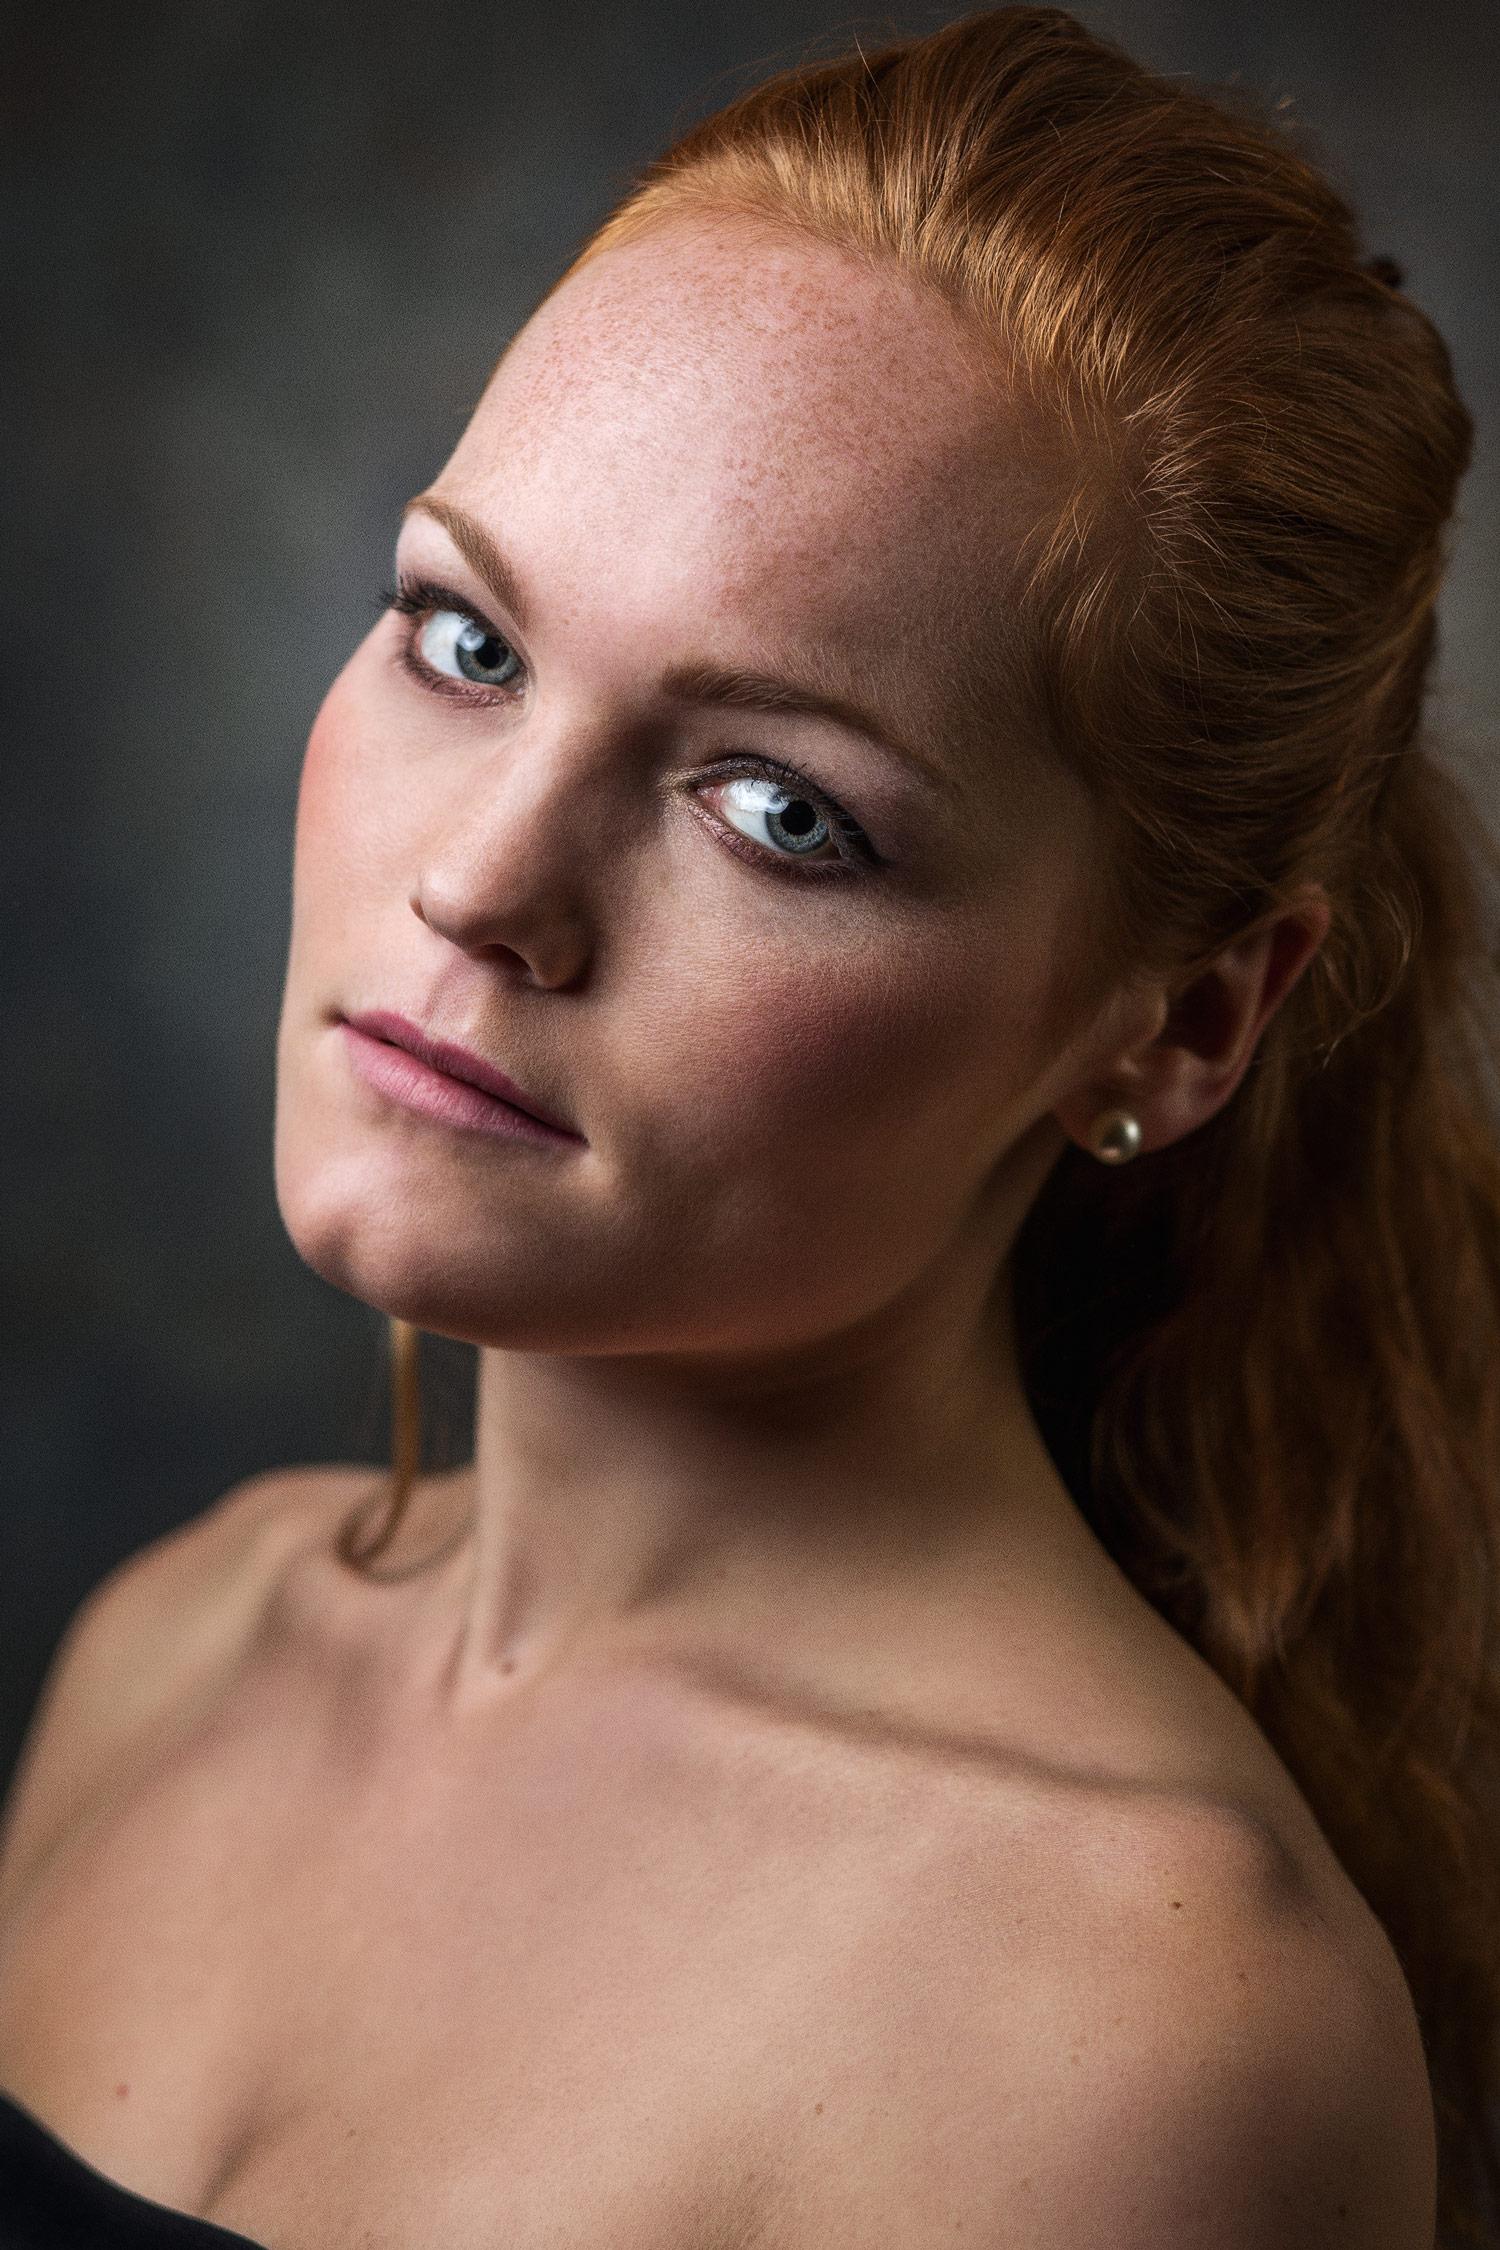 Model Inge de Leeuw